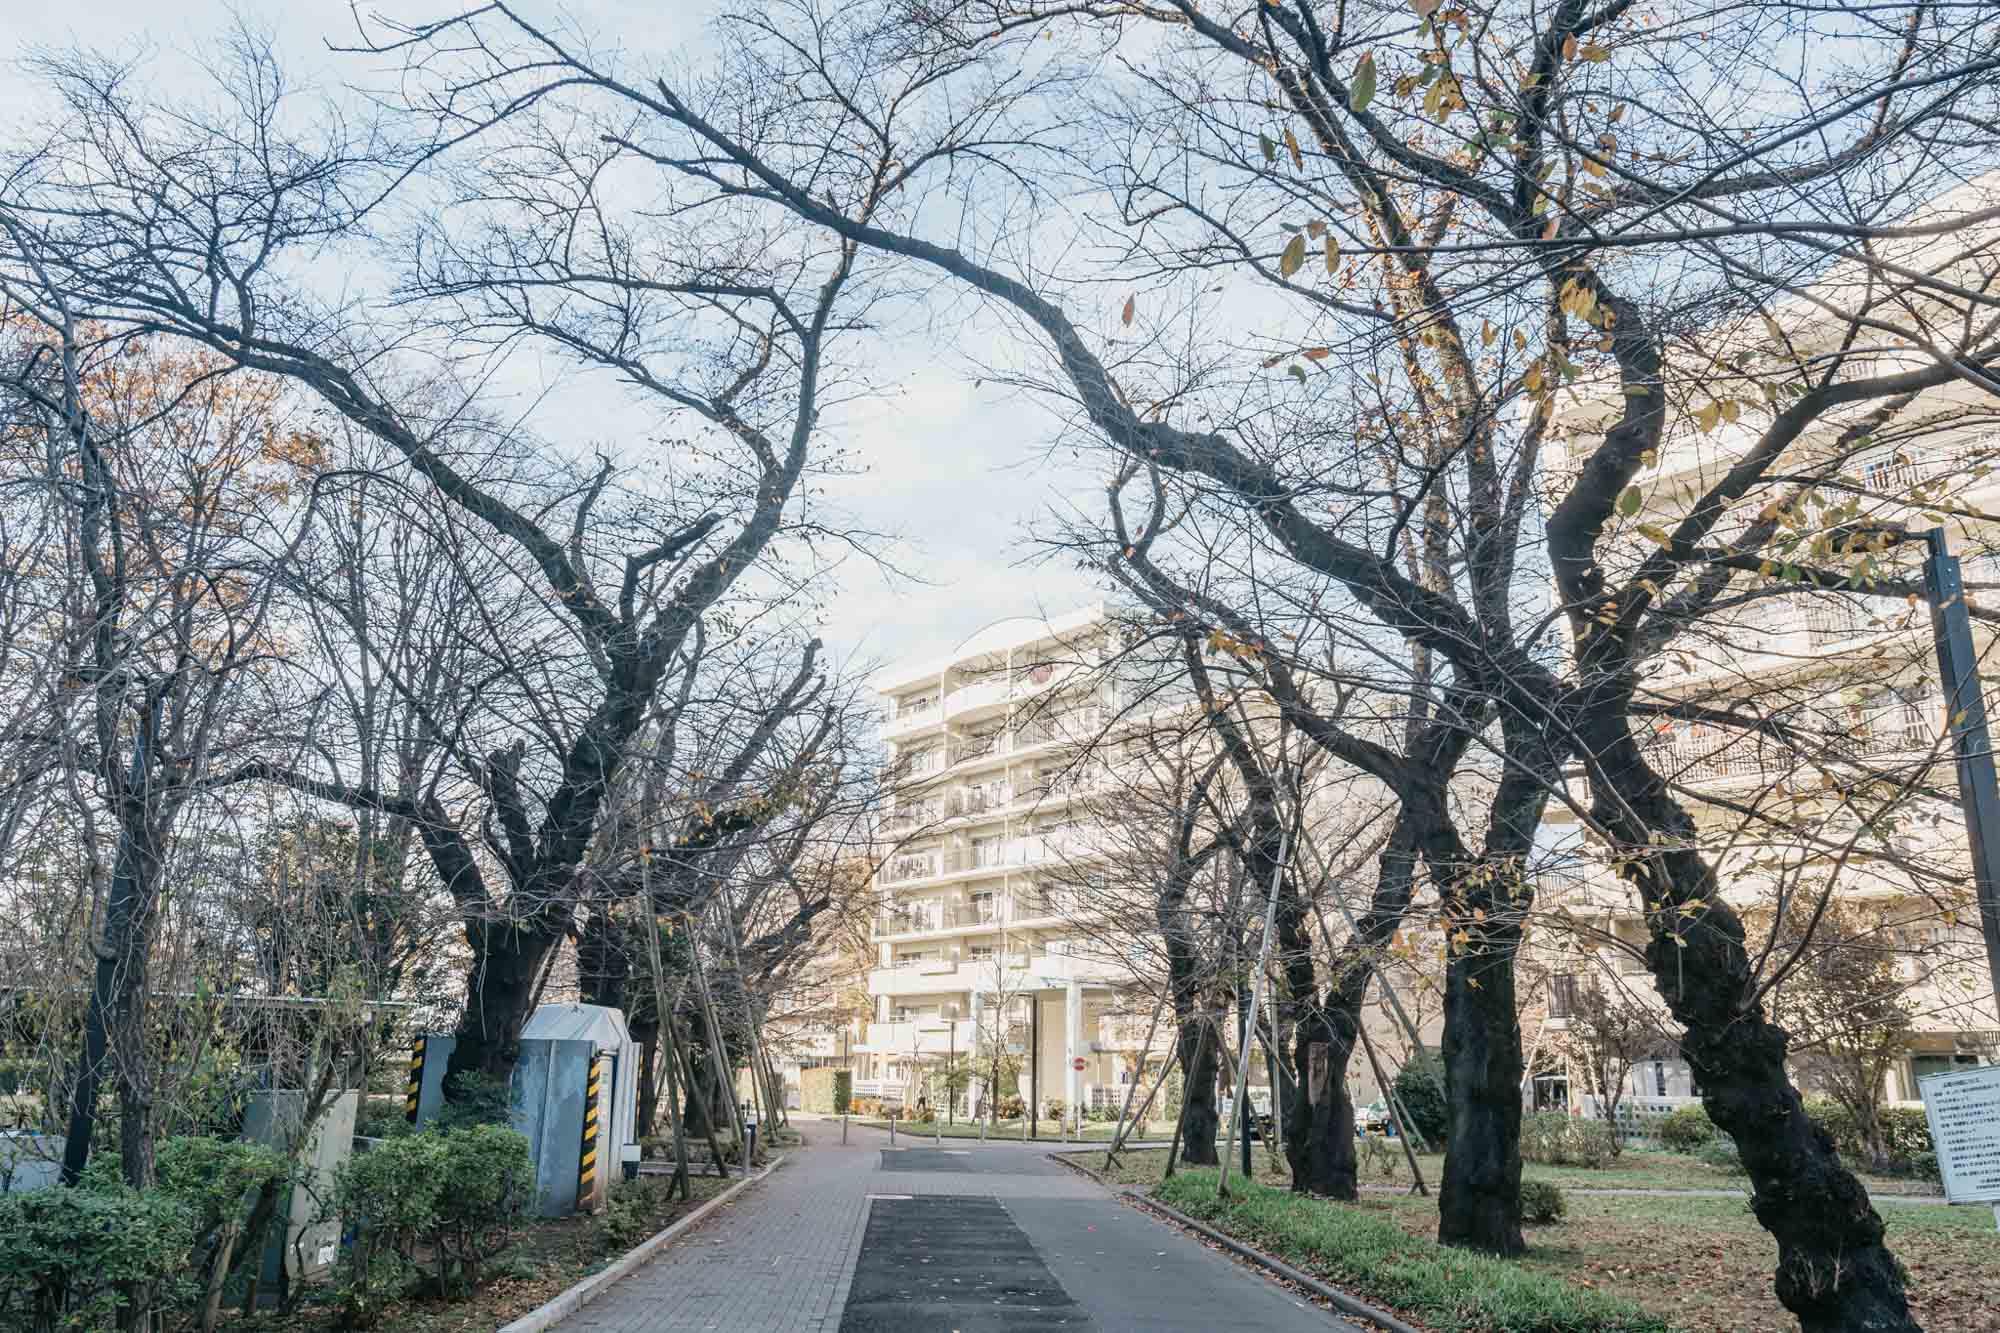 たしかに、敷地内や、団地の前の道にも桜の木がたくさん!自然と上を見上げながら歩いてしまう、気持ちの良い並木道です。